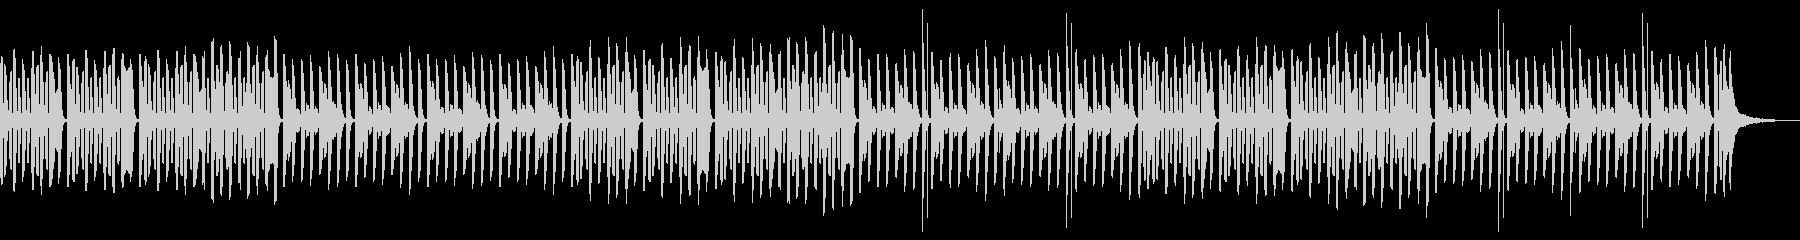 リコーダー・コミカル・楽しい・ほのぼのの未再生の波形